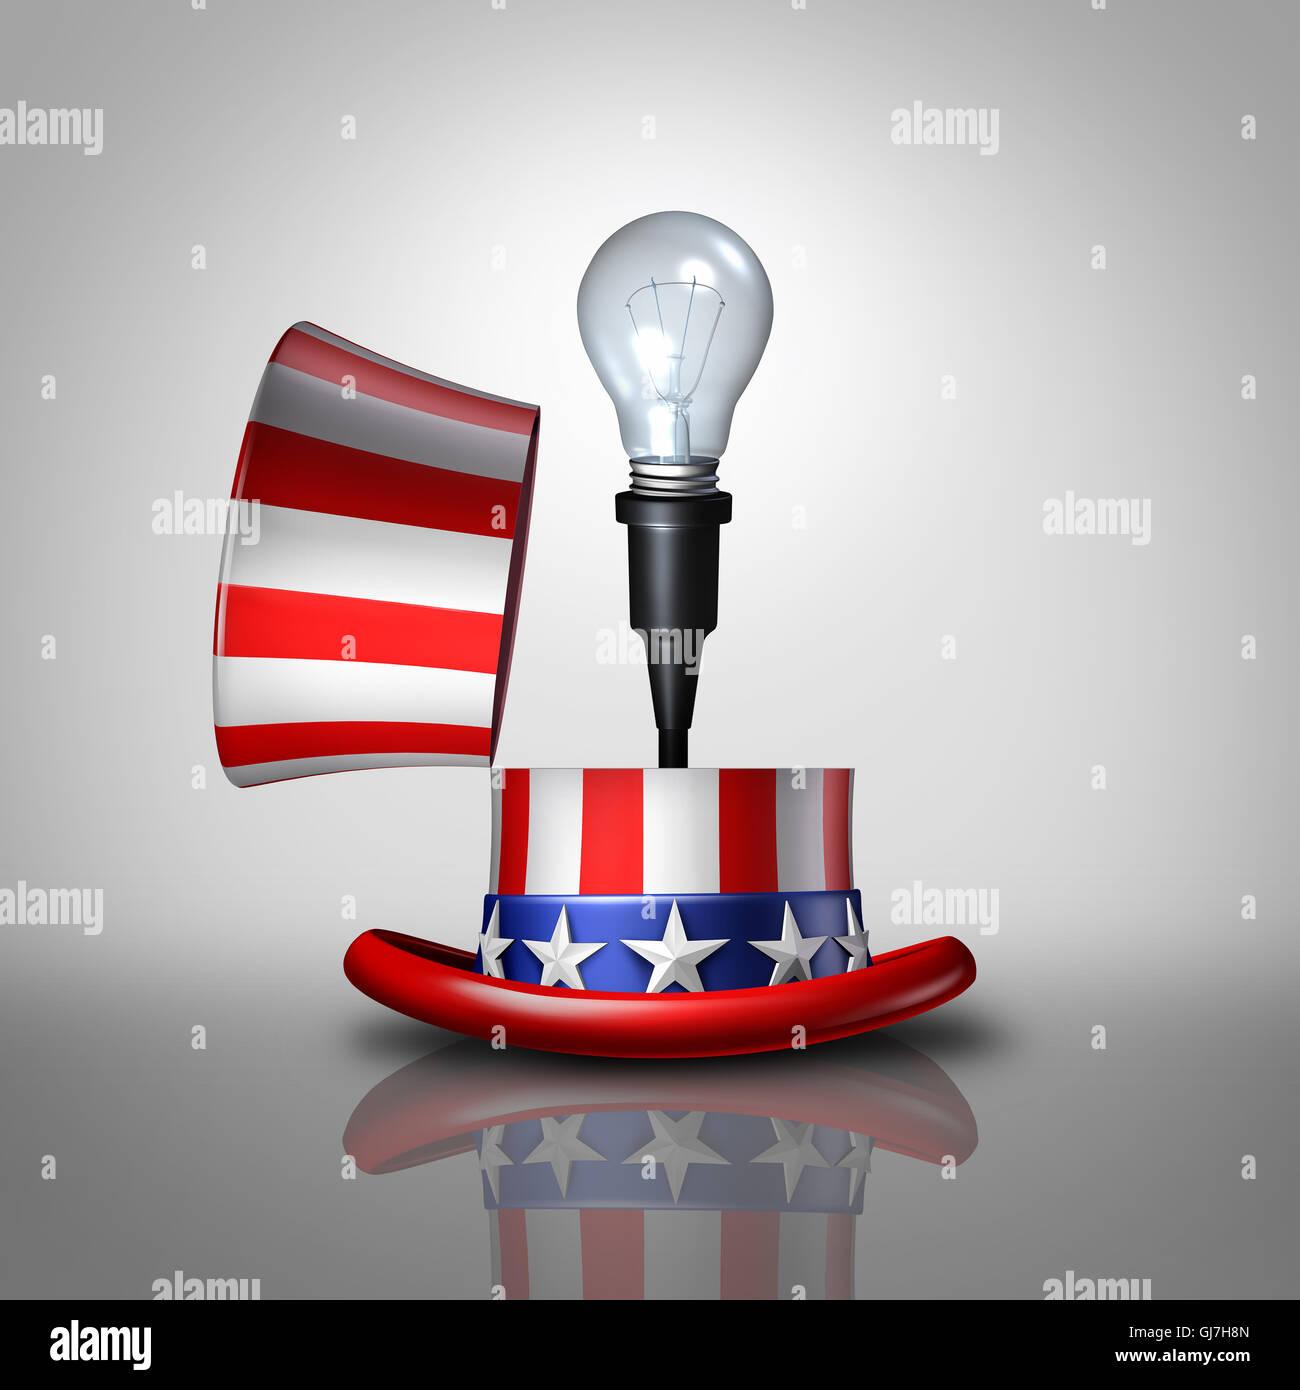 Concept idée américaine comme un open United States flag hat avec une ampoule émergeant en tant que Photo Stock